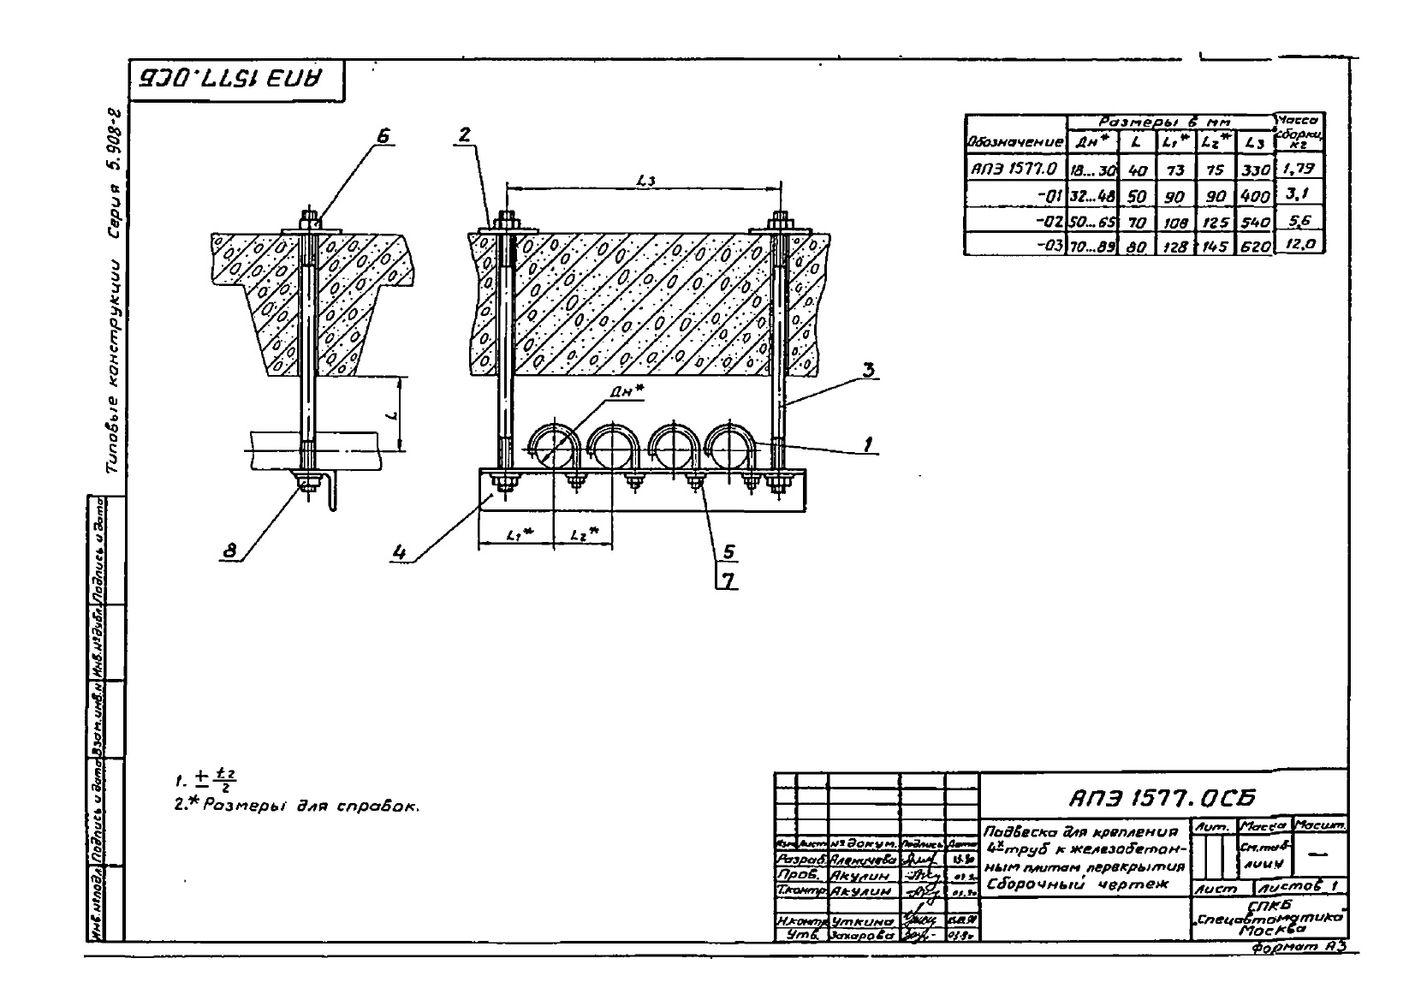 Подвеска АПЭ 1577.0 серия 5.908-2 стр.1